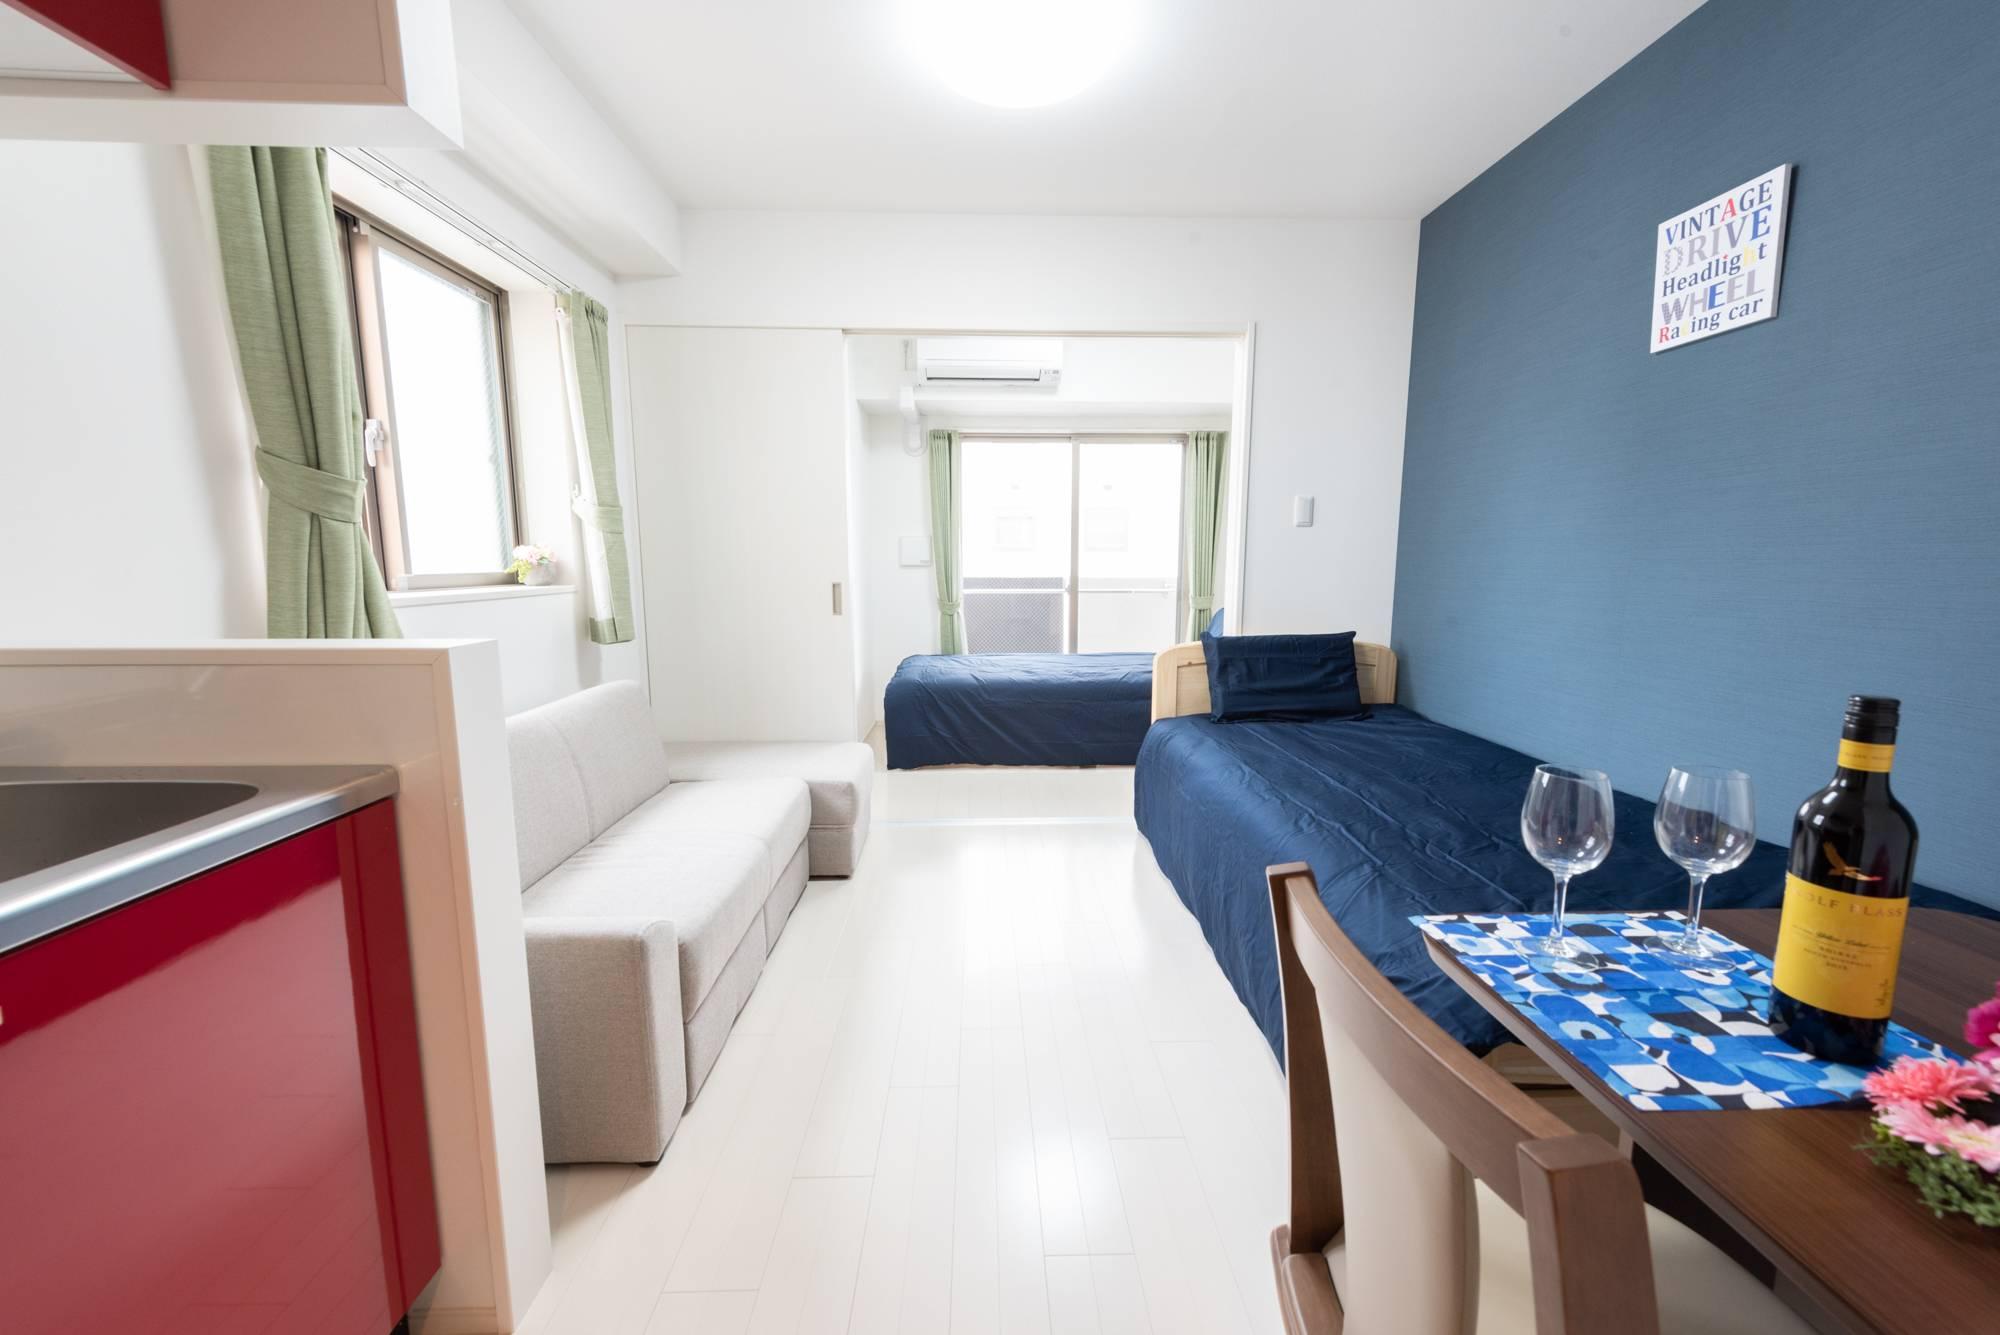 日本住宅宿泊管理株式会社